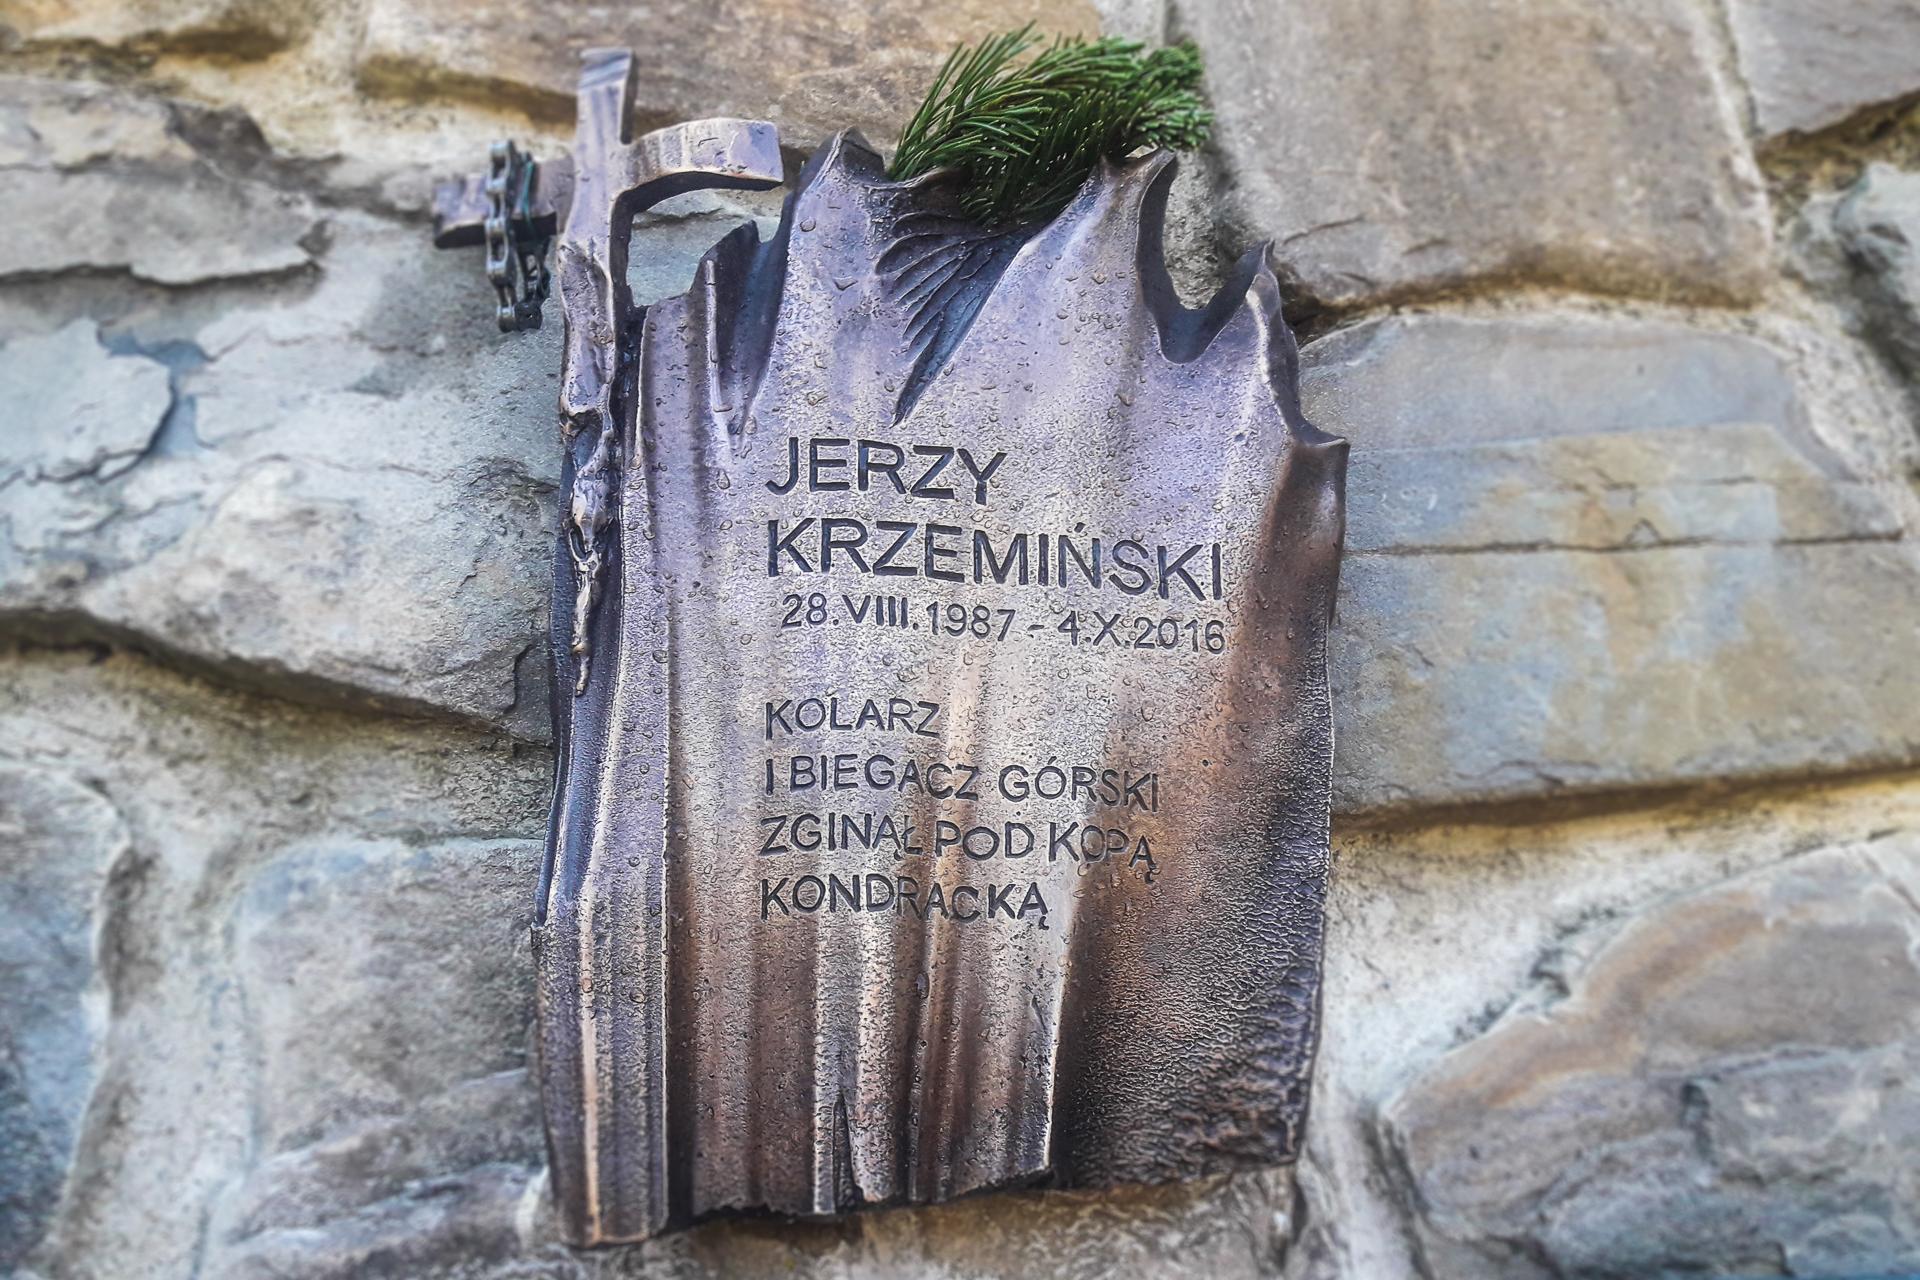 Jerzy Krzemiński, Wiktorówki, Tatry